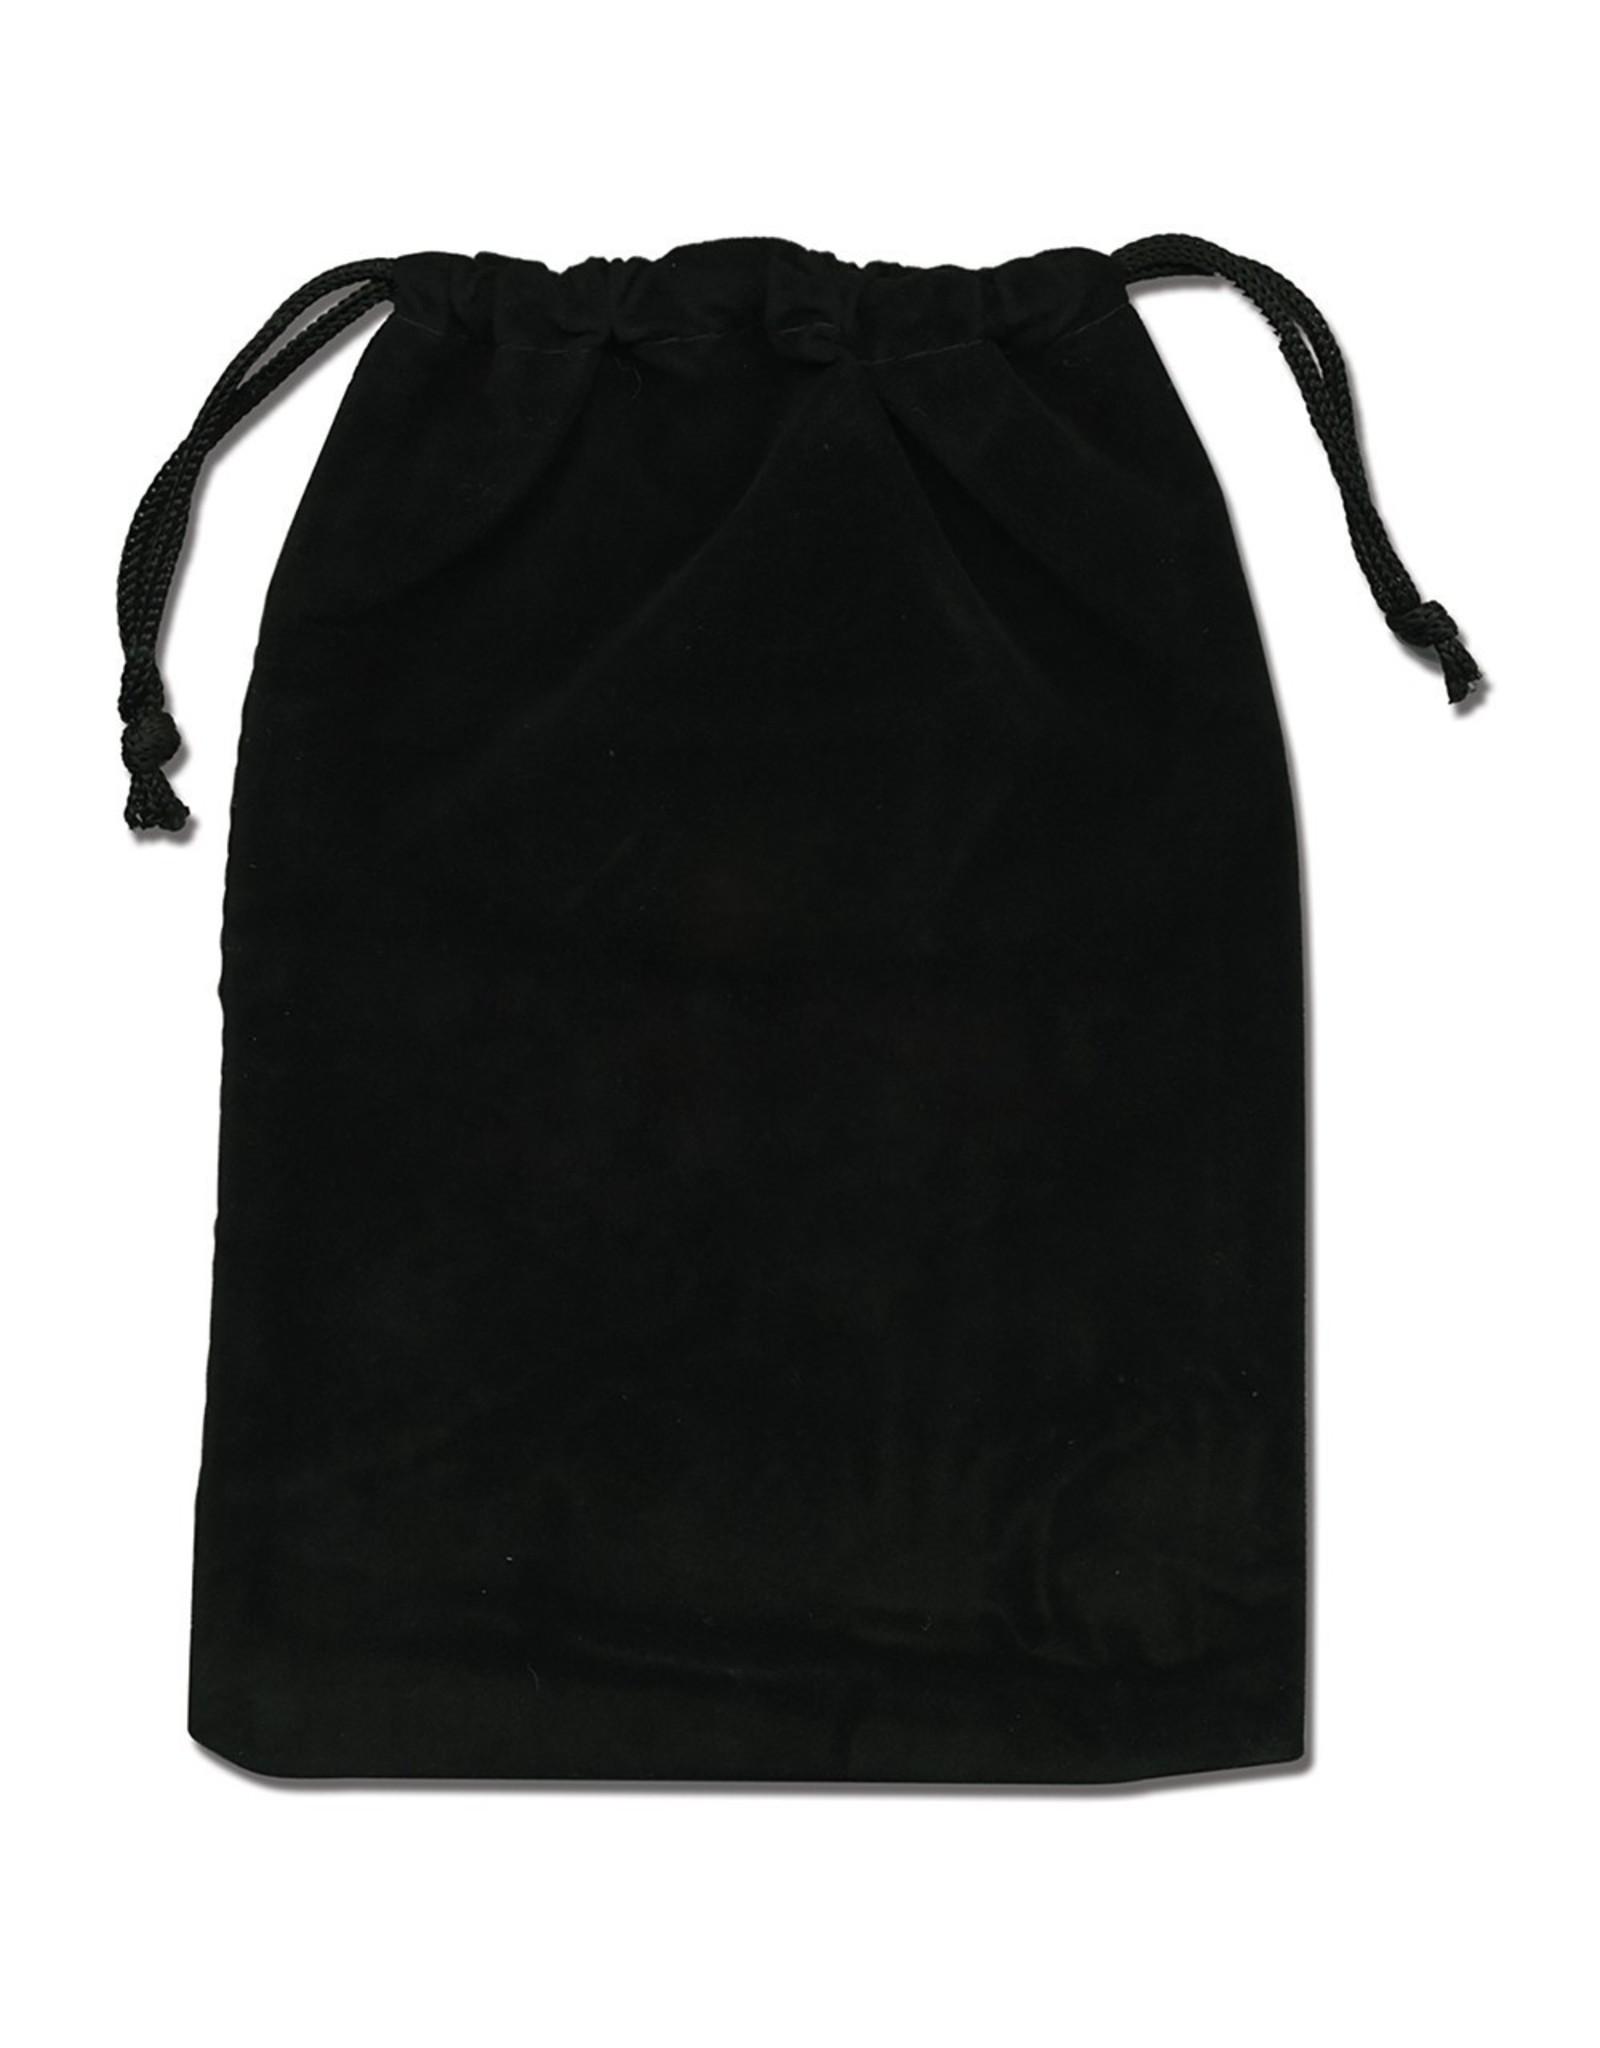 Black Tarot Bag